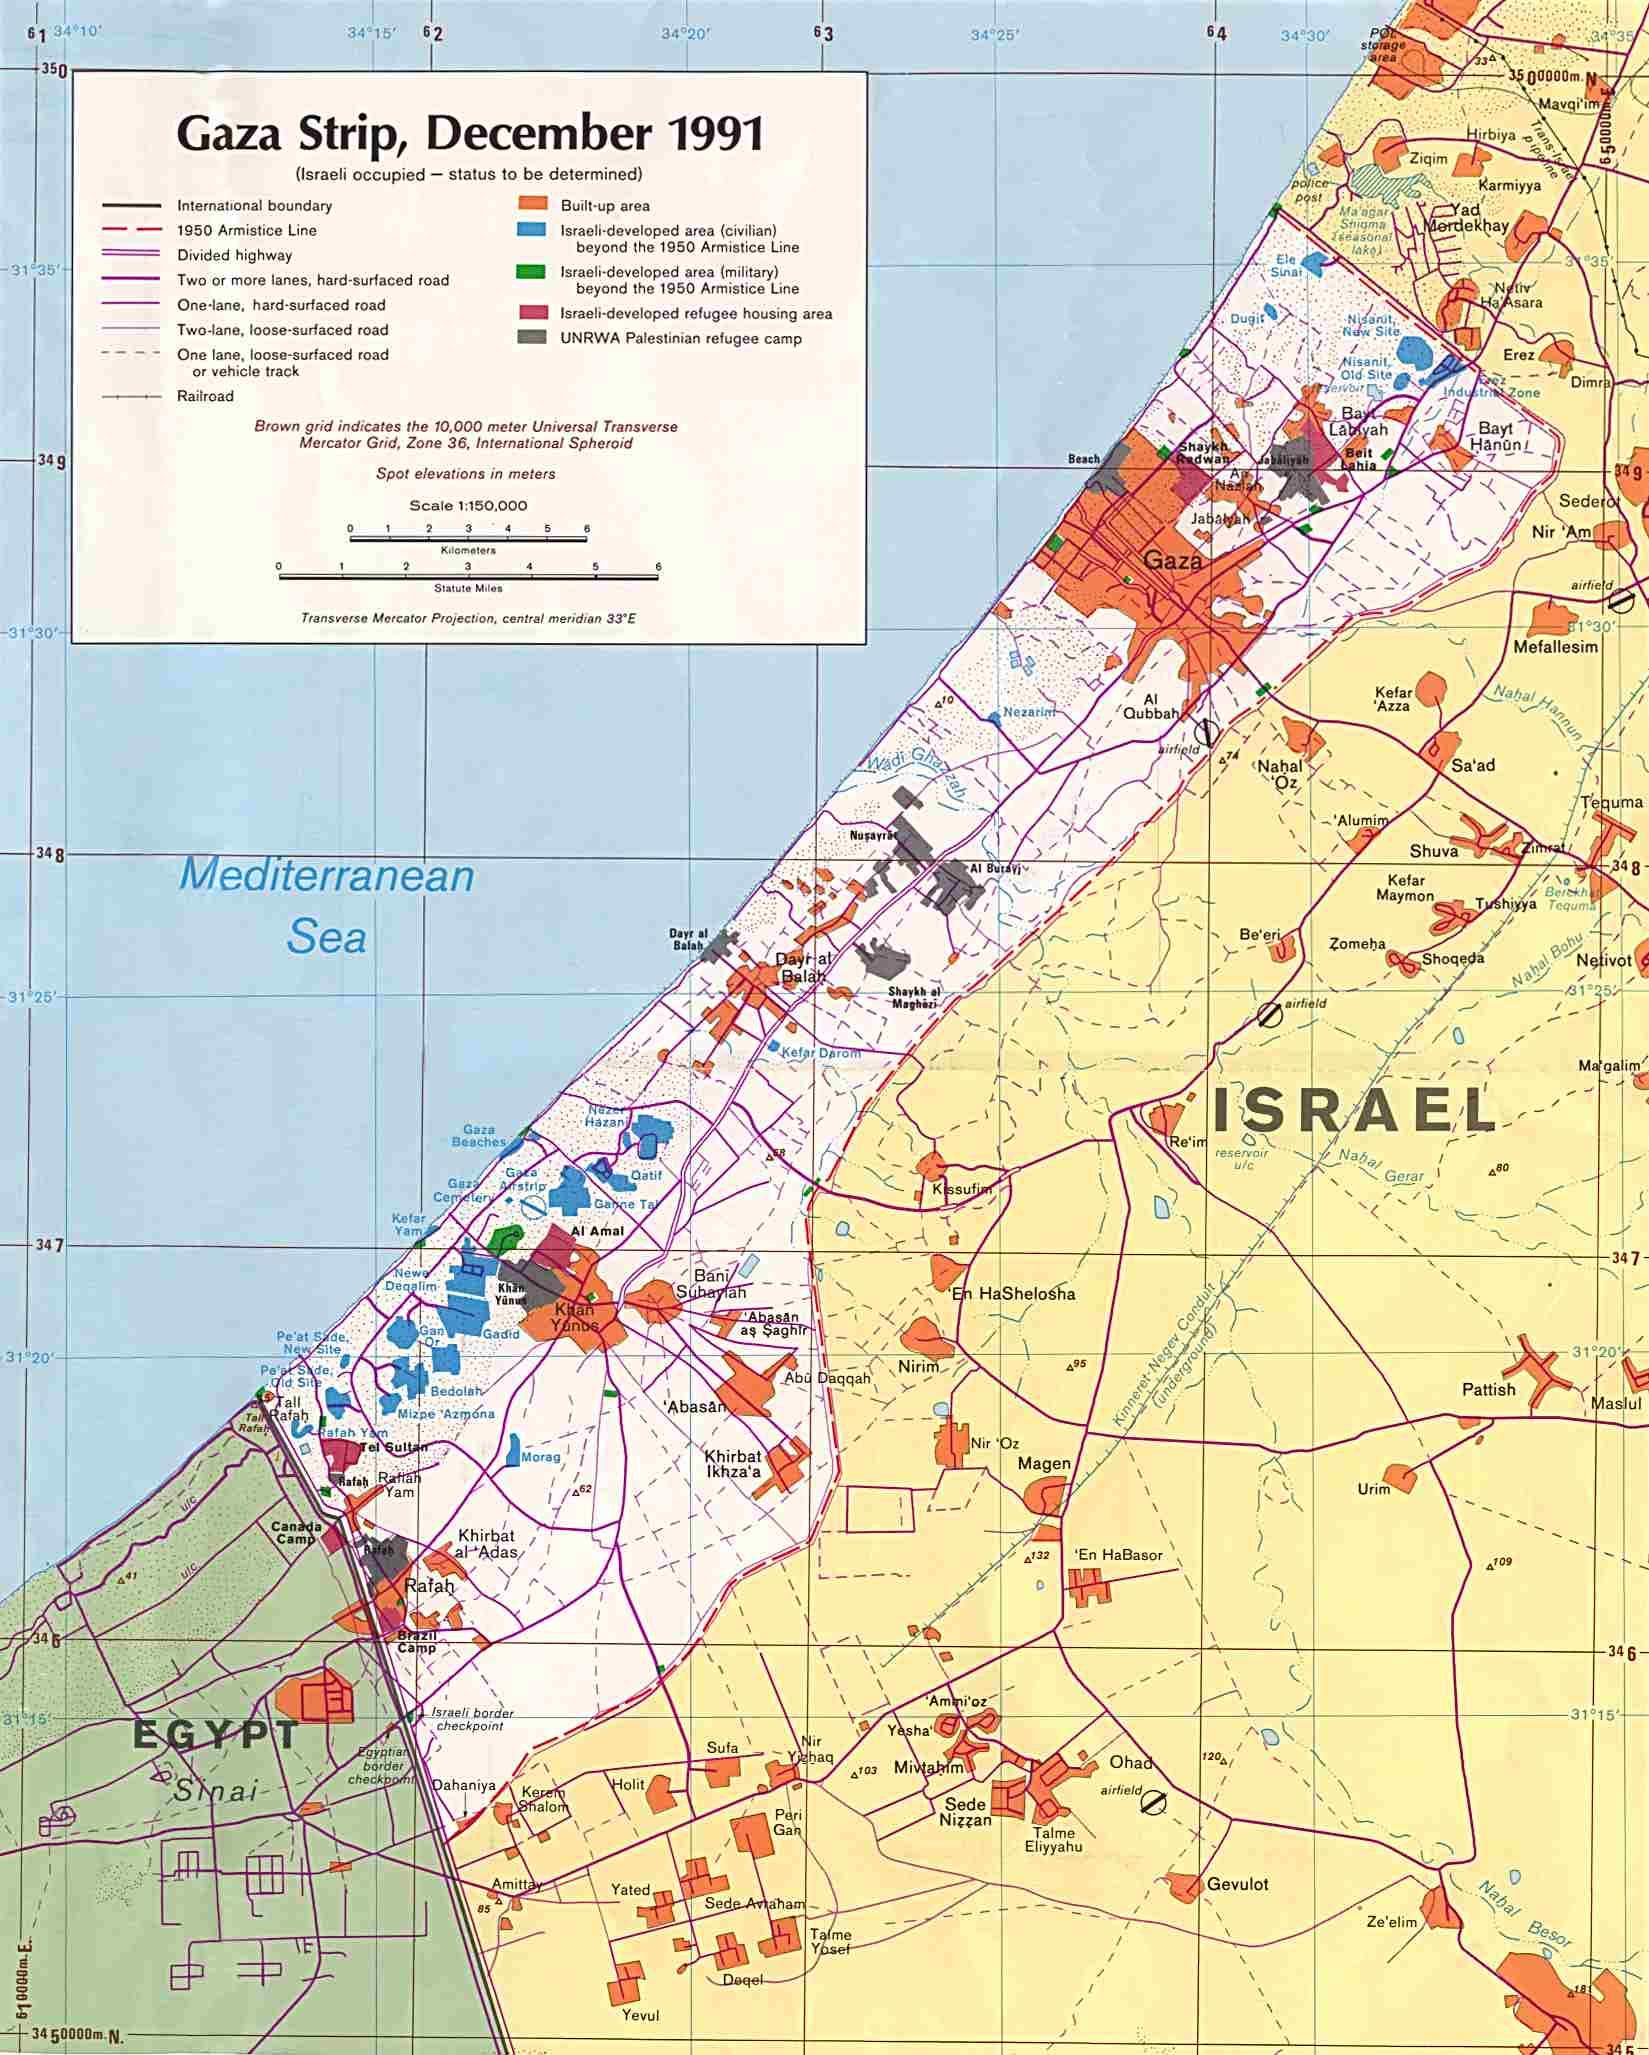 Mapa Politico de la Franja de Gaza